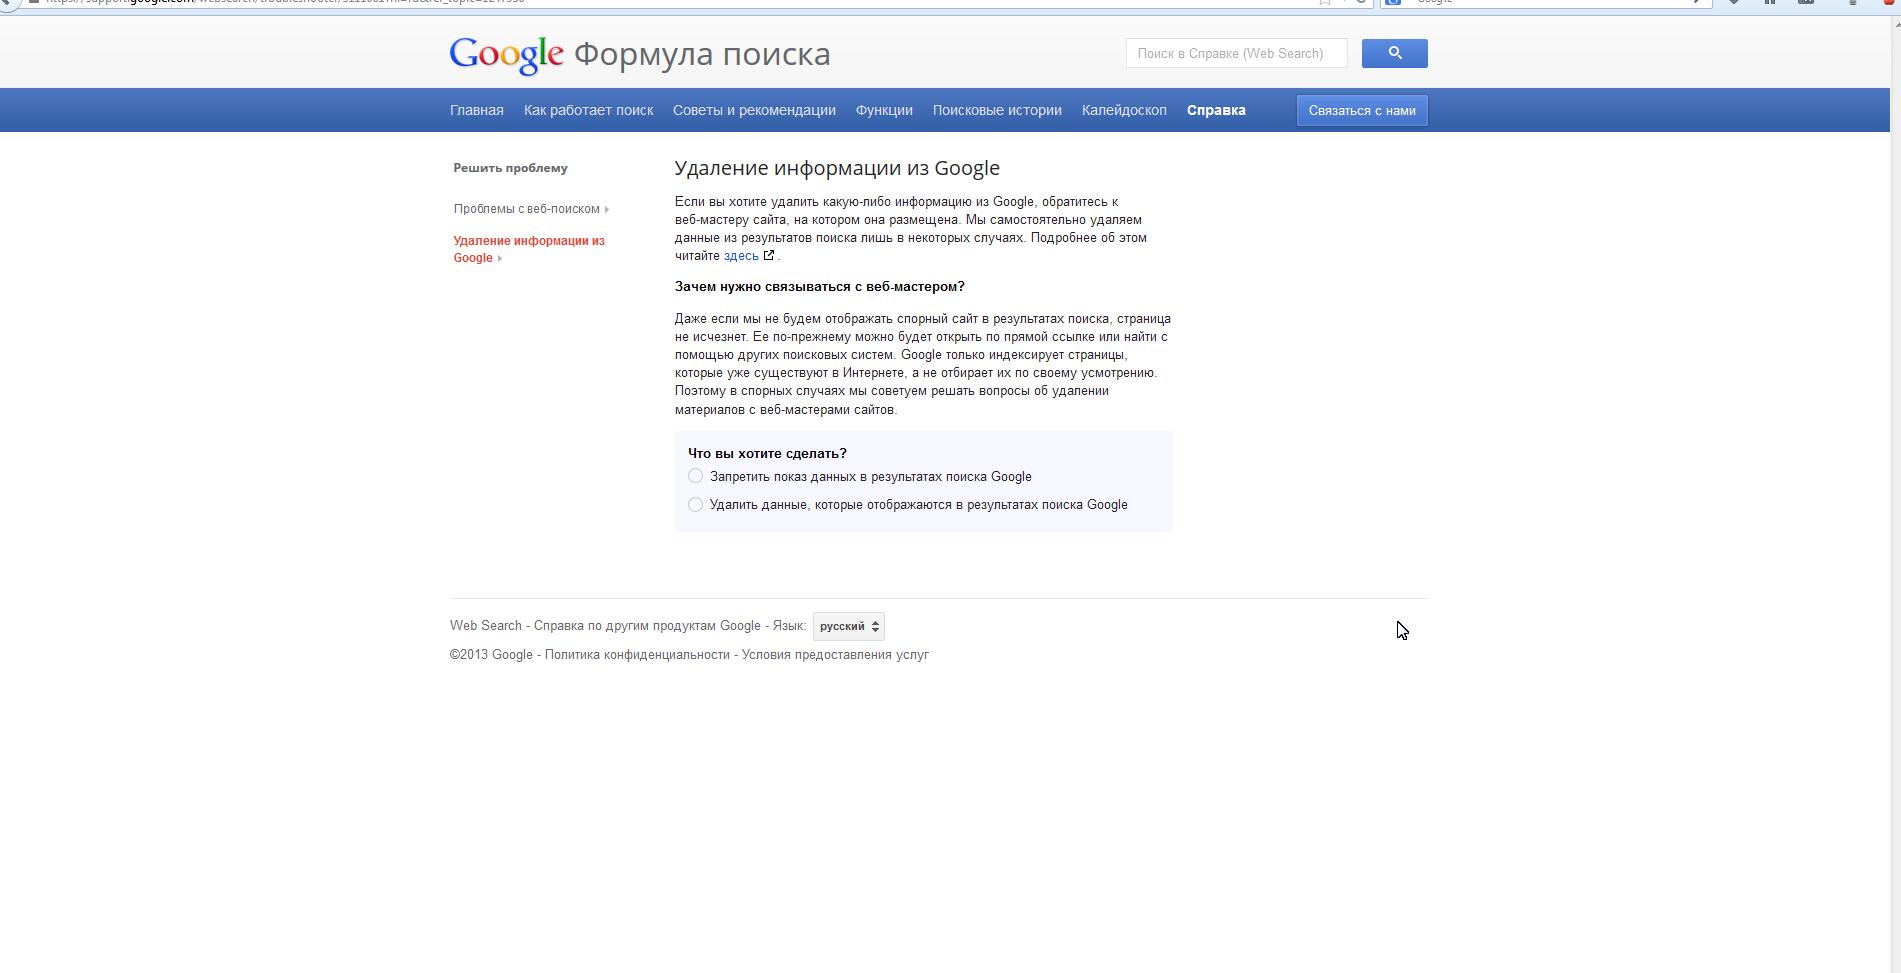 Как связаться с гугл